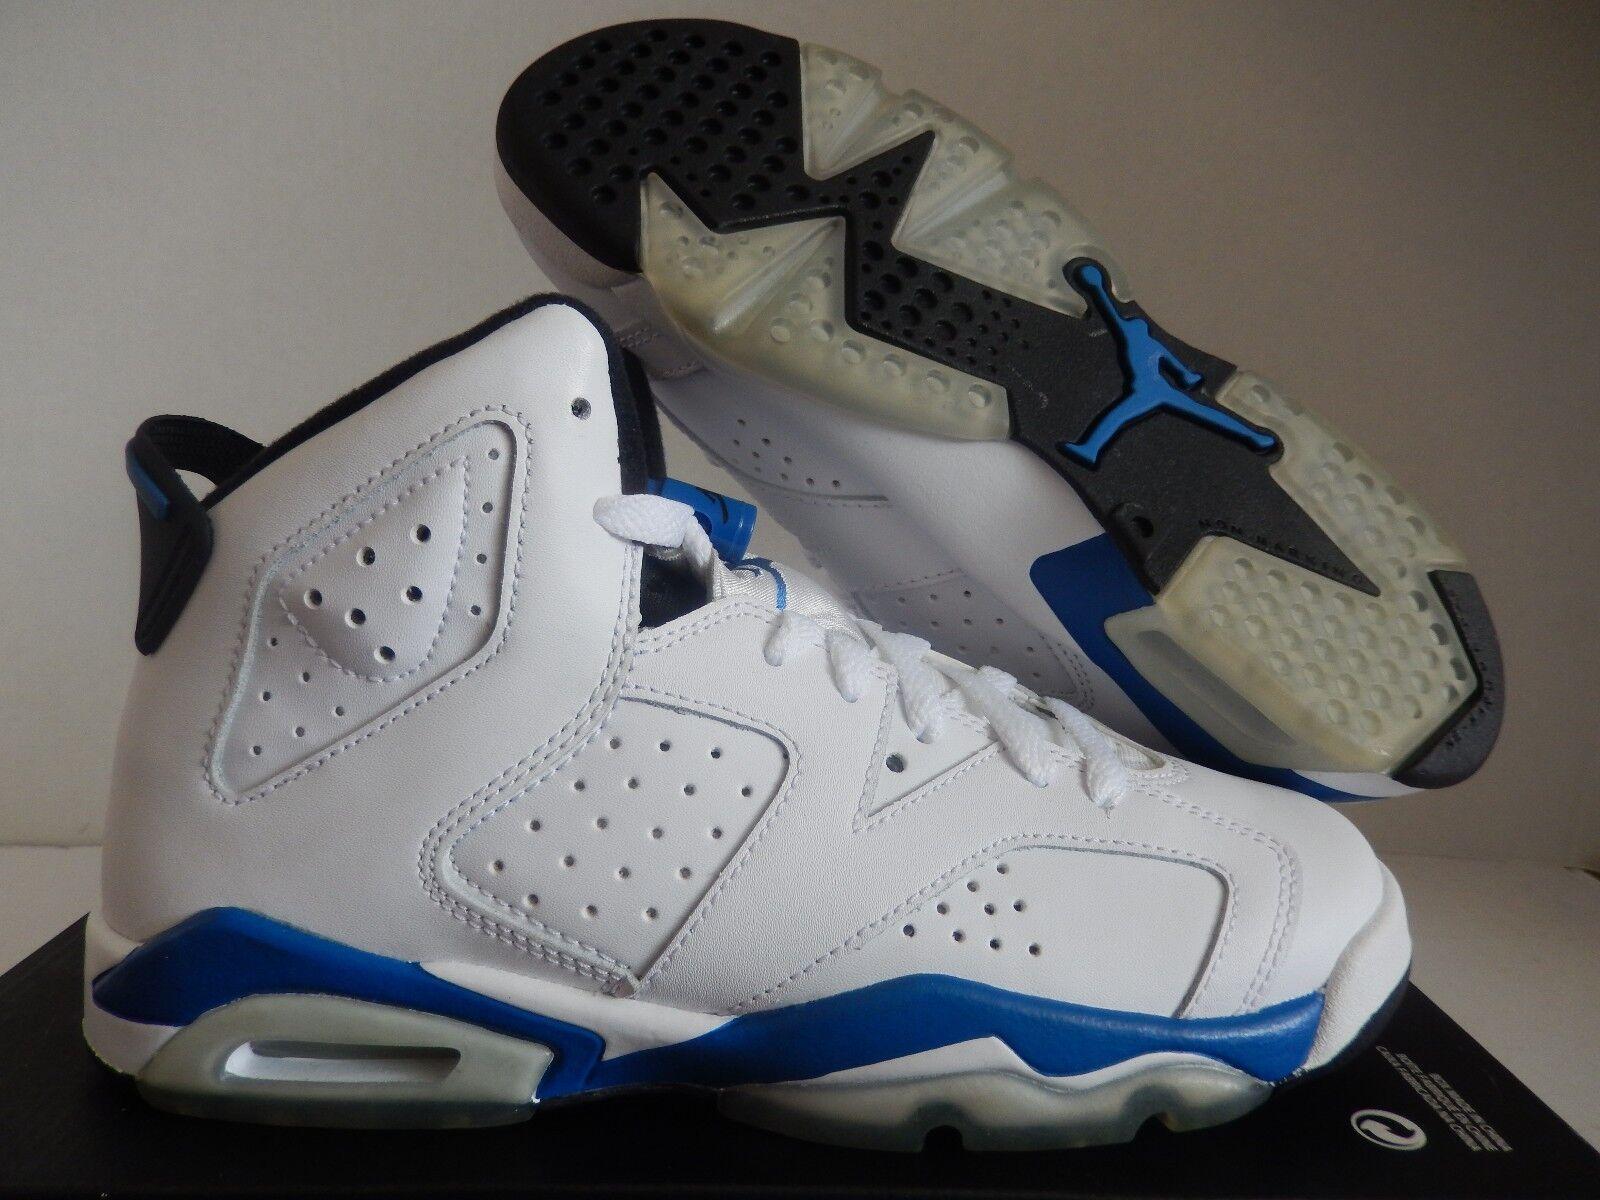 Nike Air Jordan 6 6 6 RETRO BG blancoo-Sport azul Sz 4.5Y - Para Mujer Talla 6  orden ahora con gran descuento y entrega gratuita